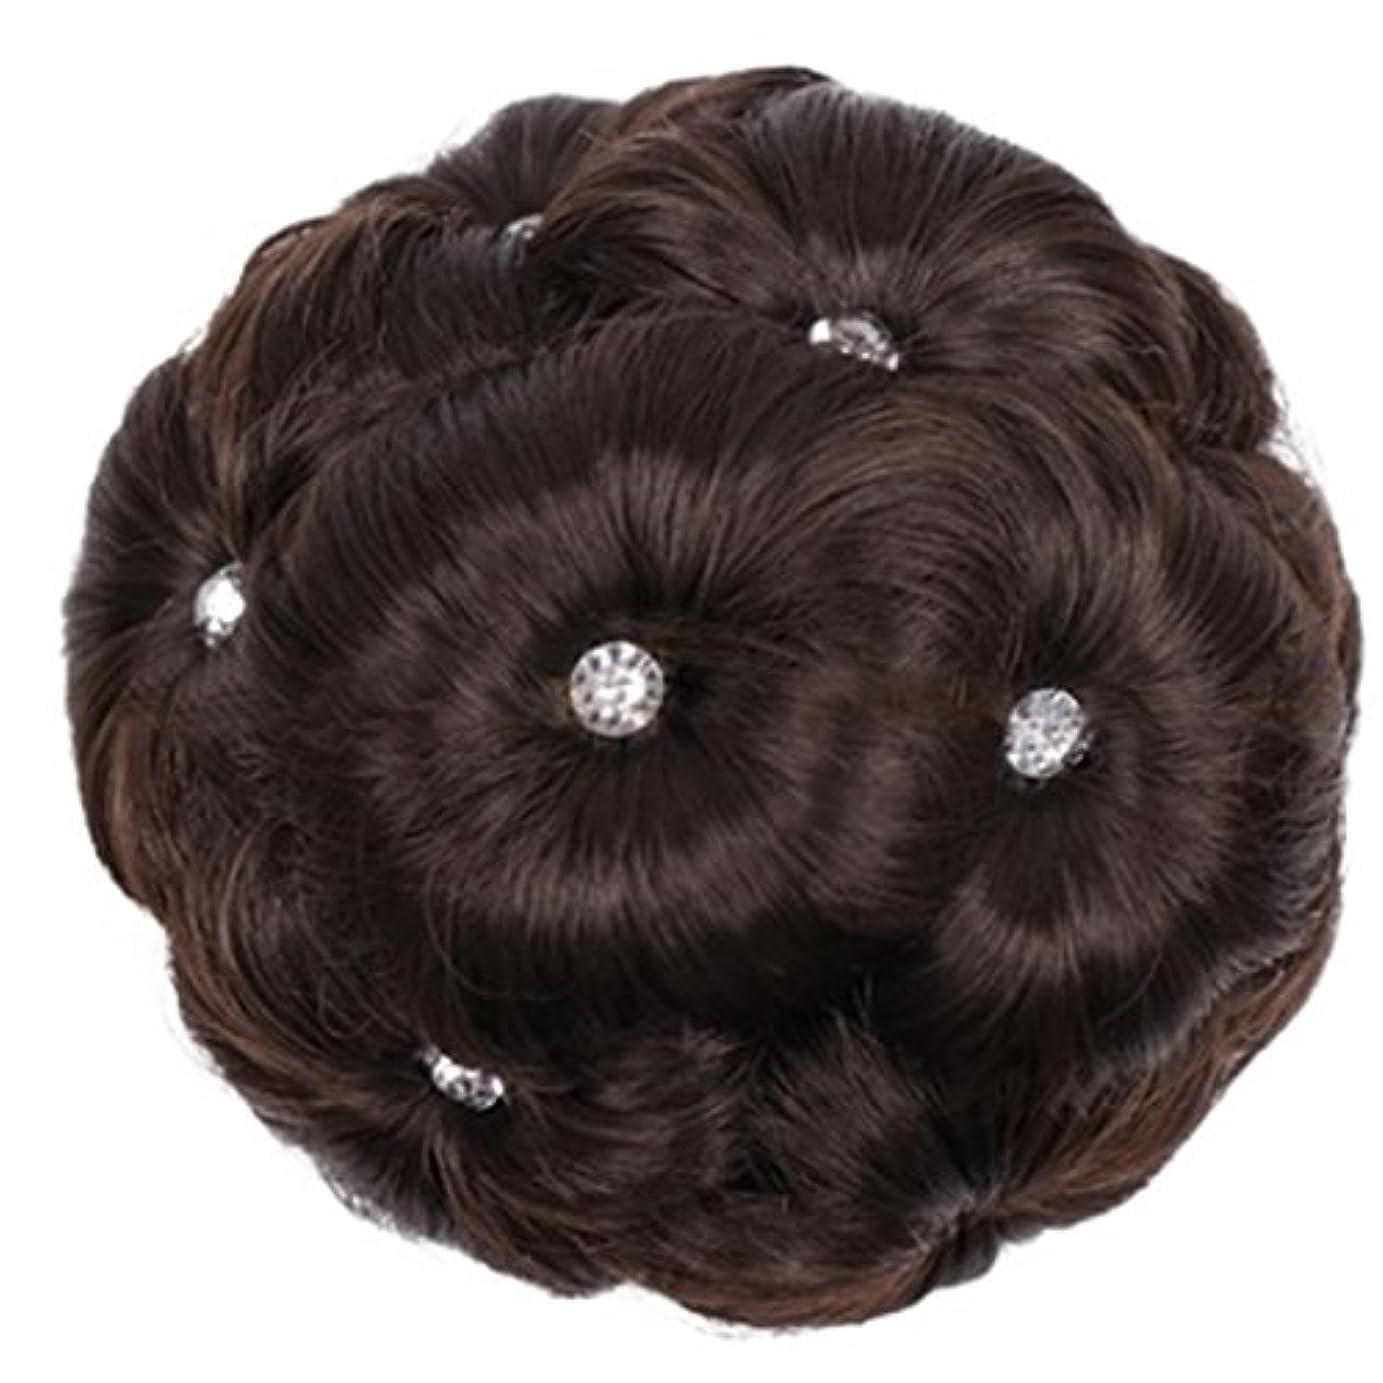 お風呂を持っているうがい薬エールDoyvanntgo 合成繊維髪の毛の拡張子は、ドリルナインフラワーヘッドと女性のためのスクーチーヘアピース (Color : 4#)